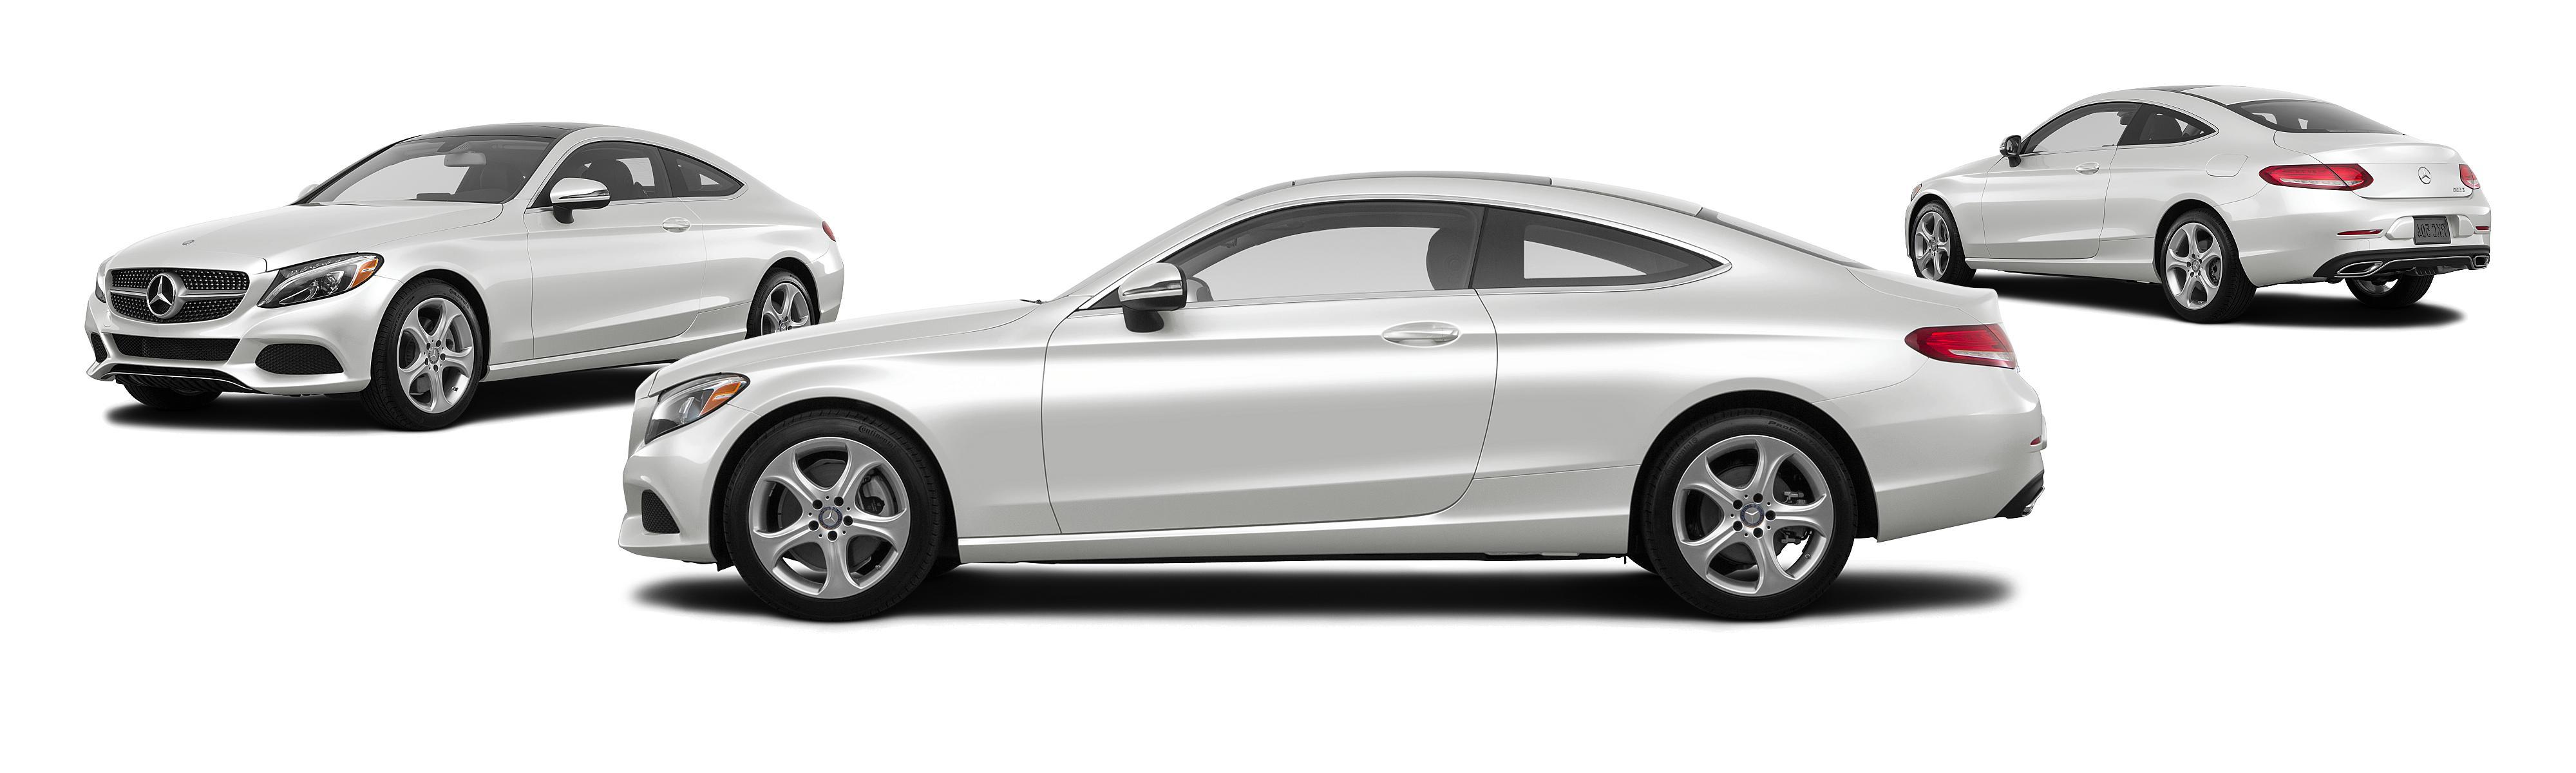 2017 mercedes benz c class c 300 2dr coupe polar white posite large